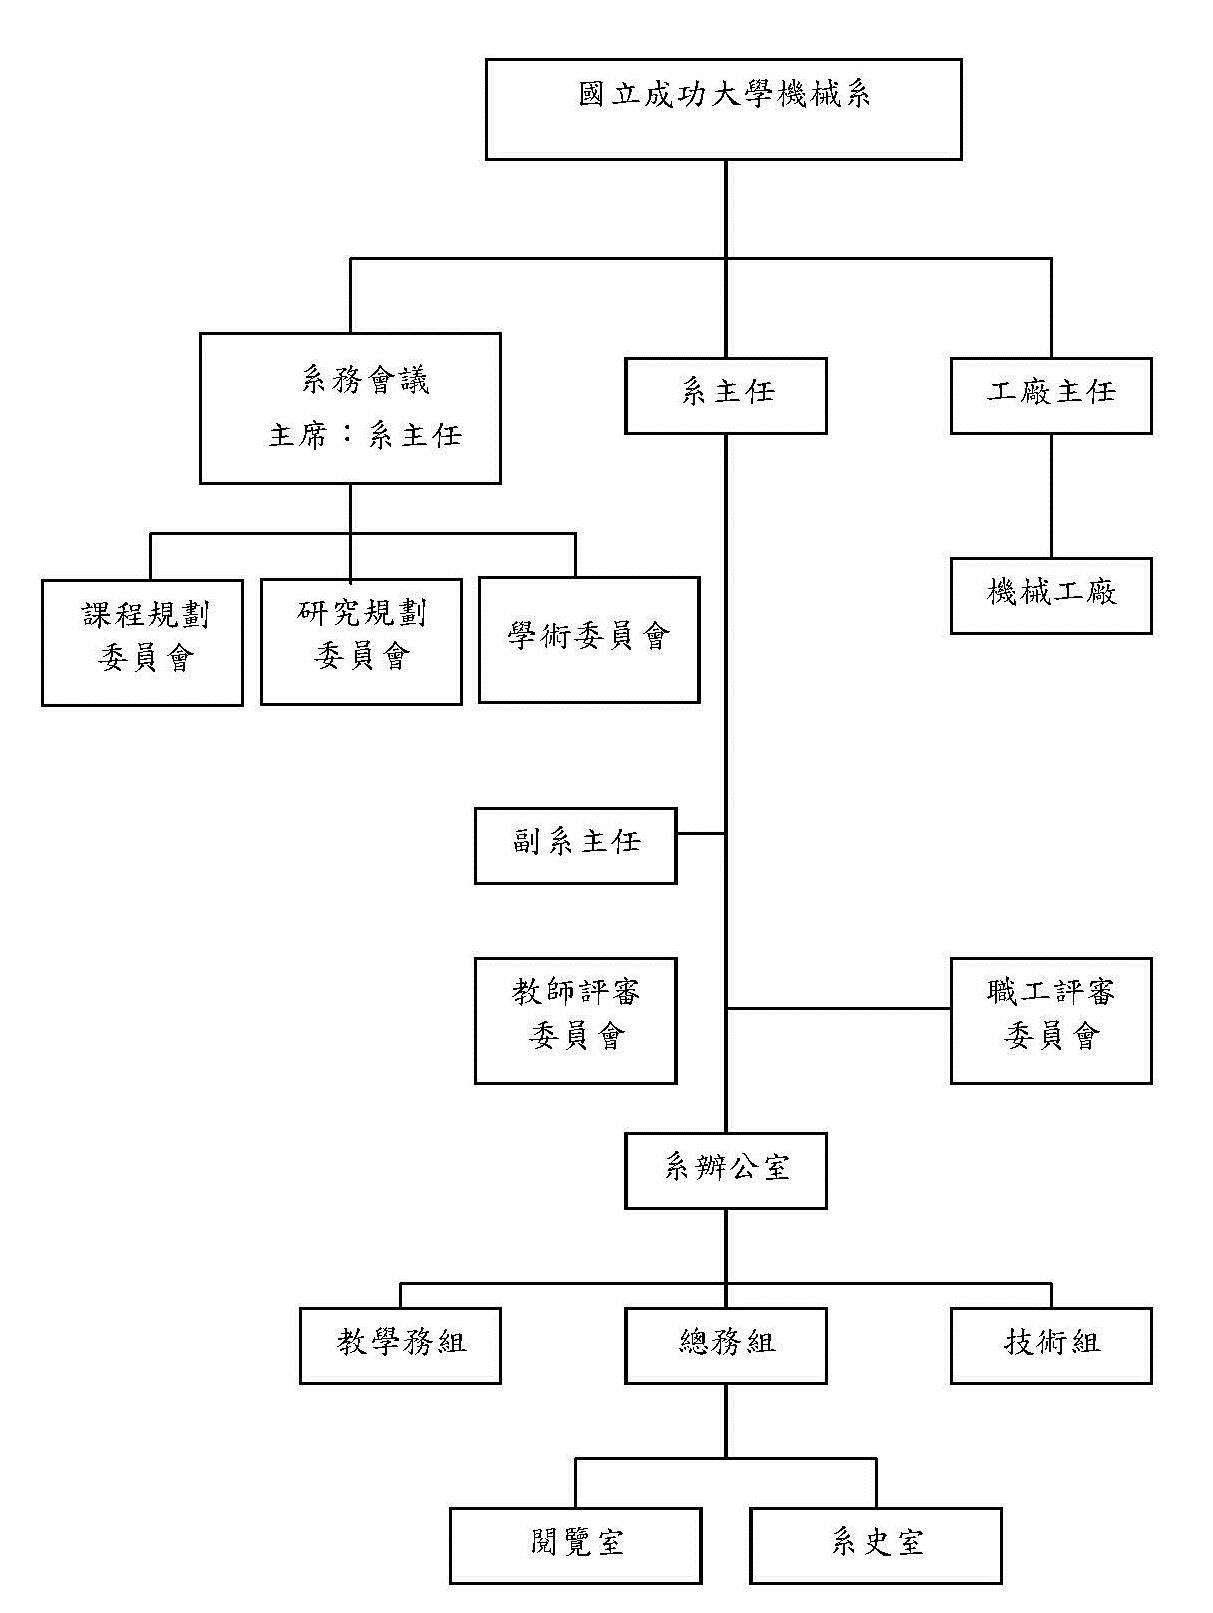 系所組織架構圖